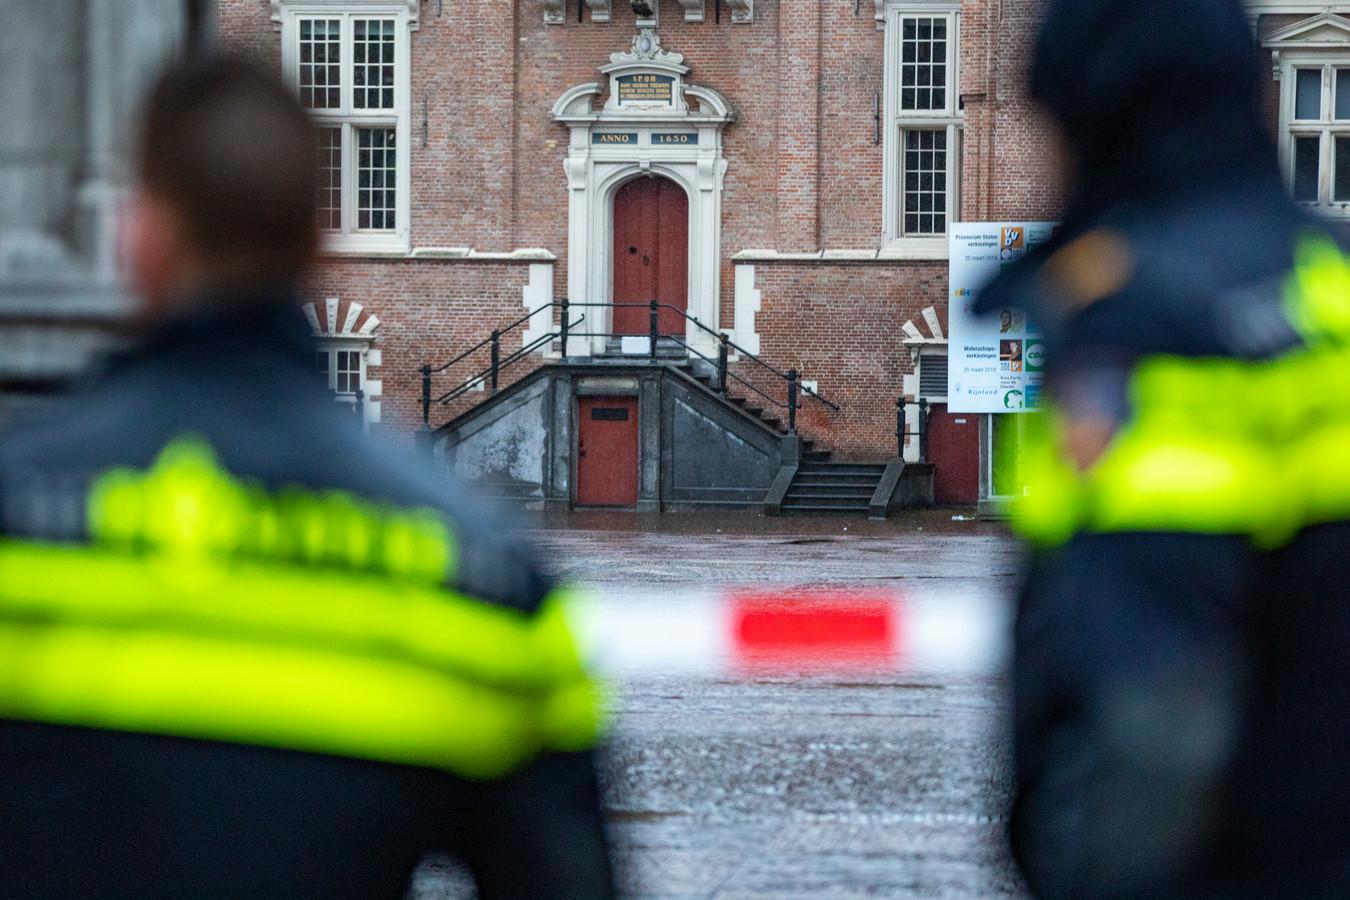 b90ff51b952 De Grote Markt van Haarlem is helemaal afgezet door de politie in verband  met een incident